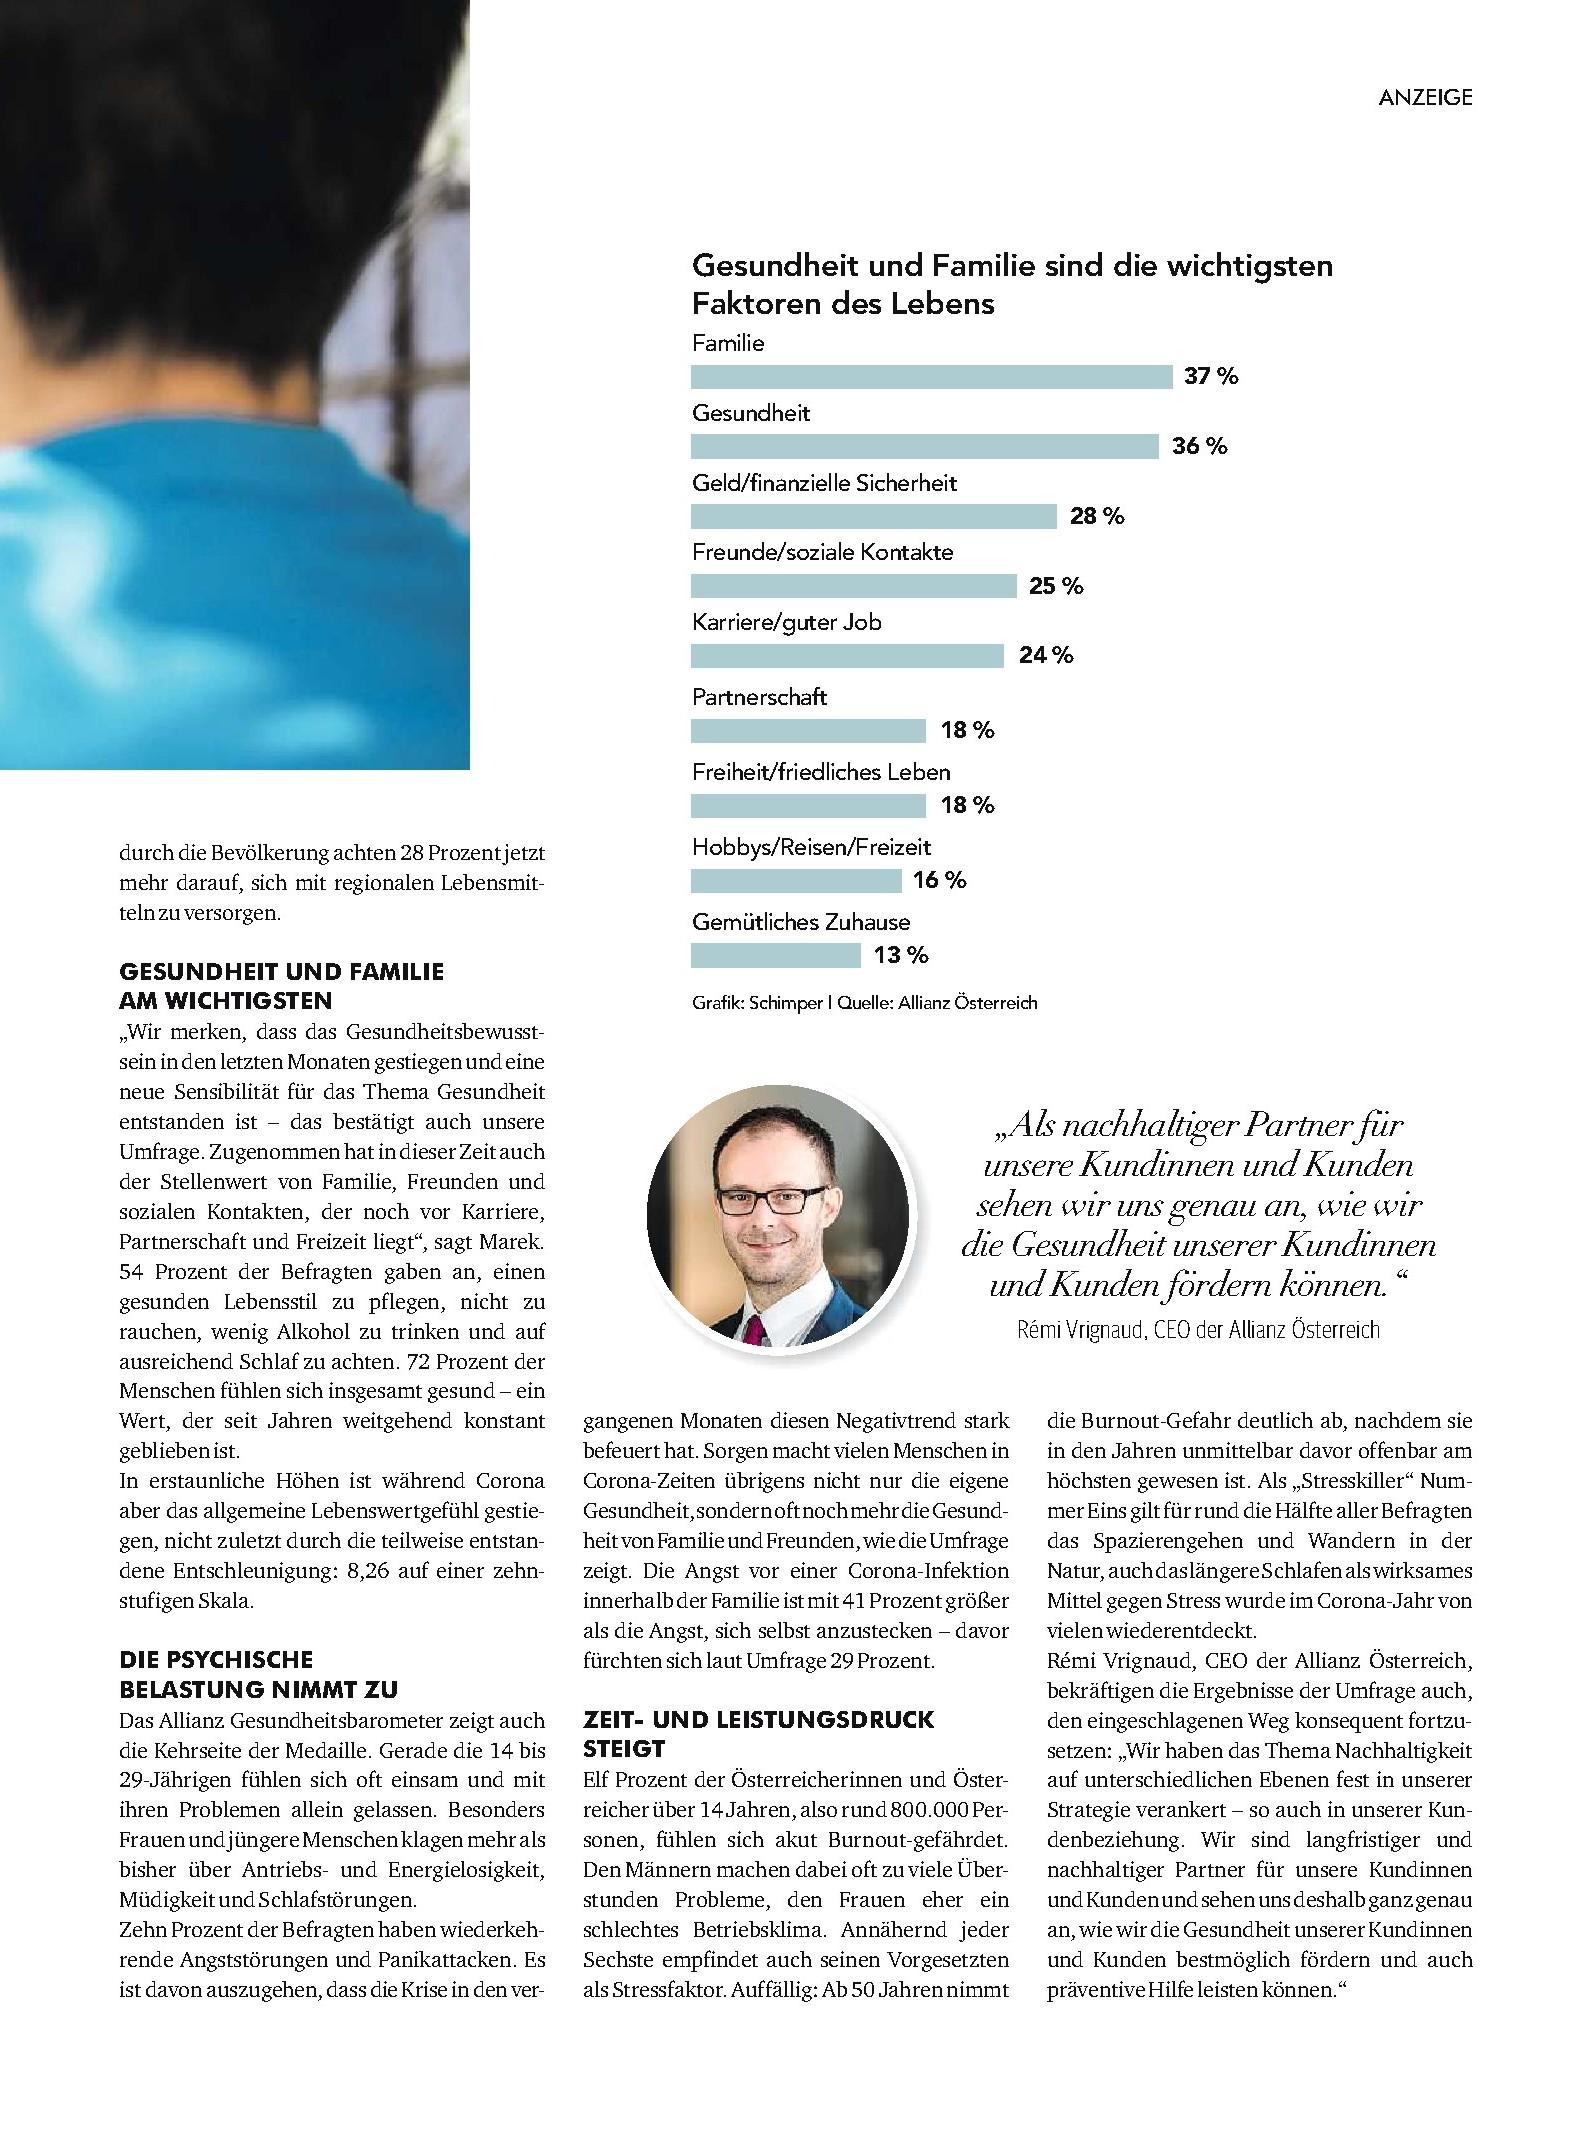 public/epaper/imported/20201024/kurier/freizeit/freizeit_20201024_025.jpg